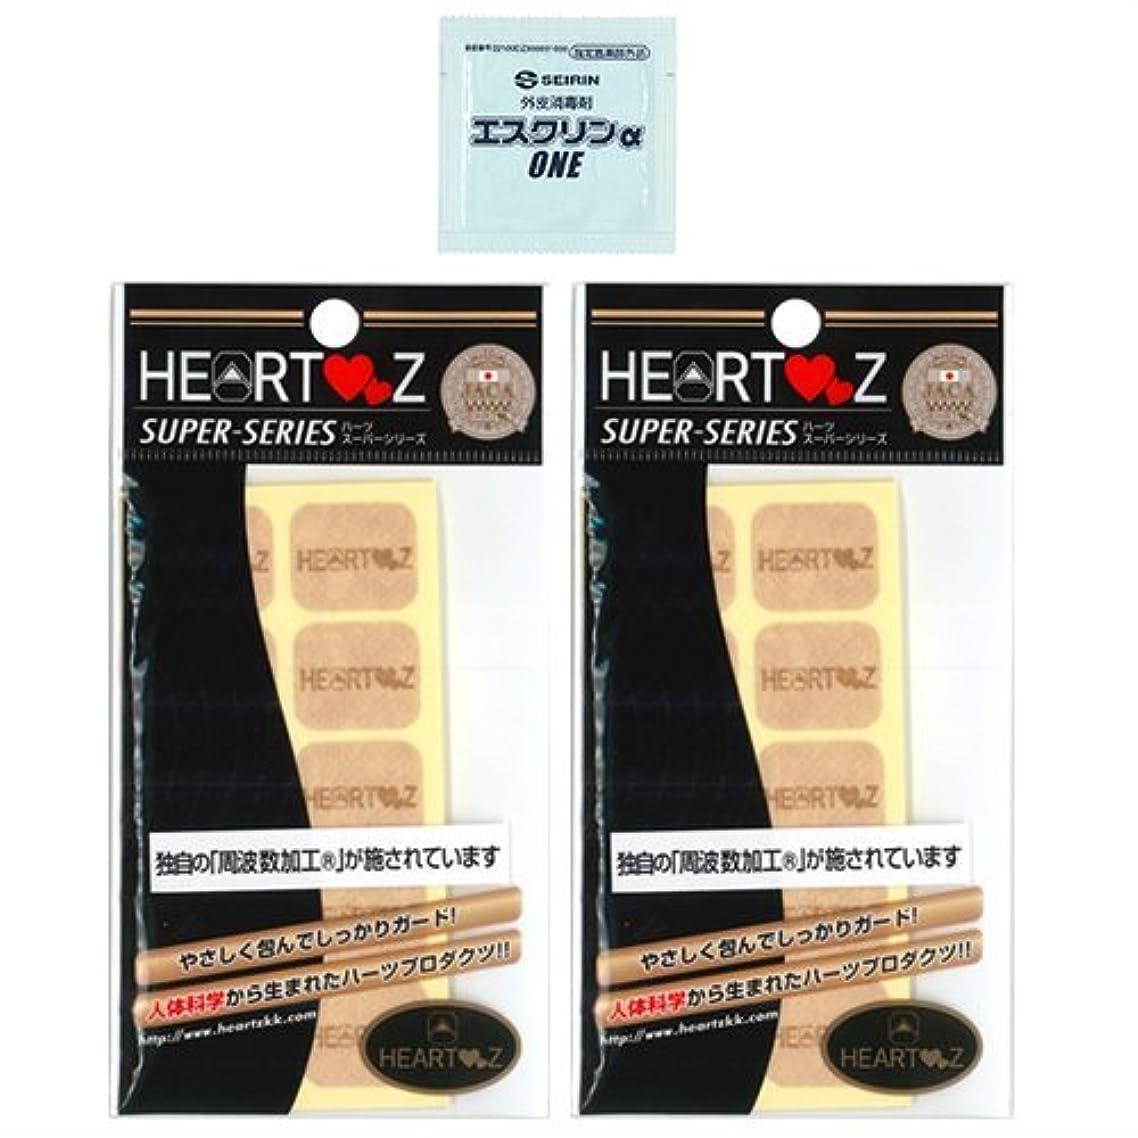 赤字内なる列挙する【HEARTZ(ハーツ)】ハーツスーパーシール レギュラータイプ 80枚入×2個セット (計160枚) + エスクリンαONEx1個 セット